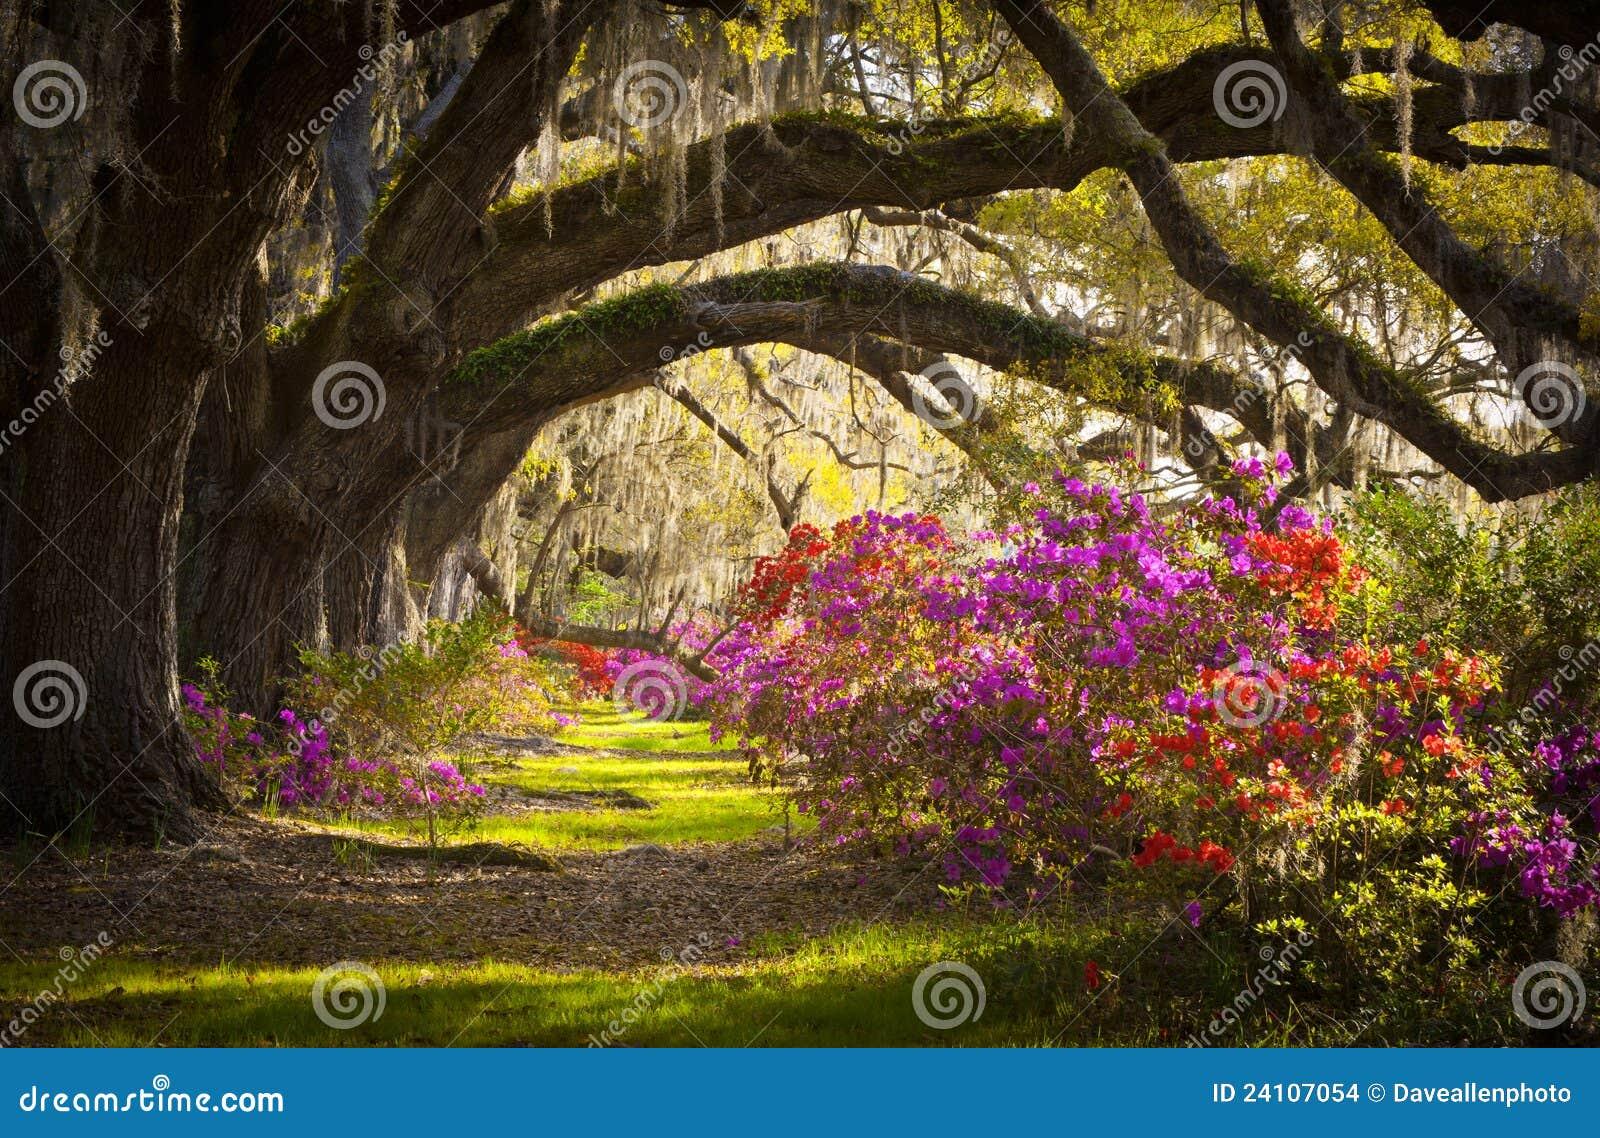 查尔斯顿开花青苔橡木种植园sc结构树